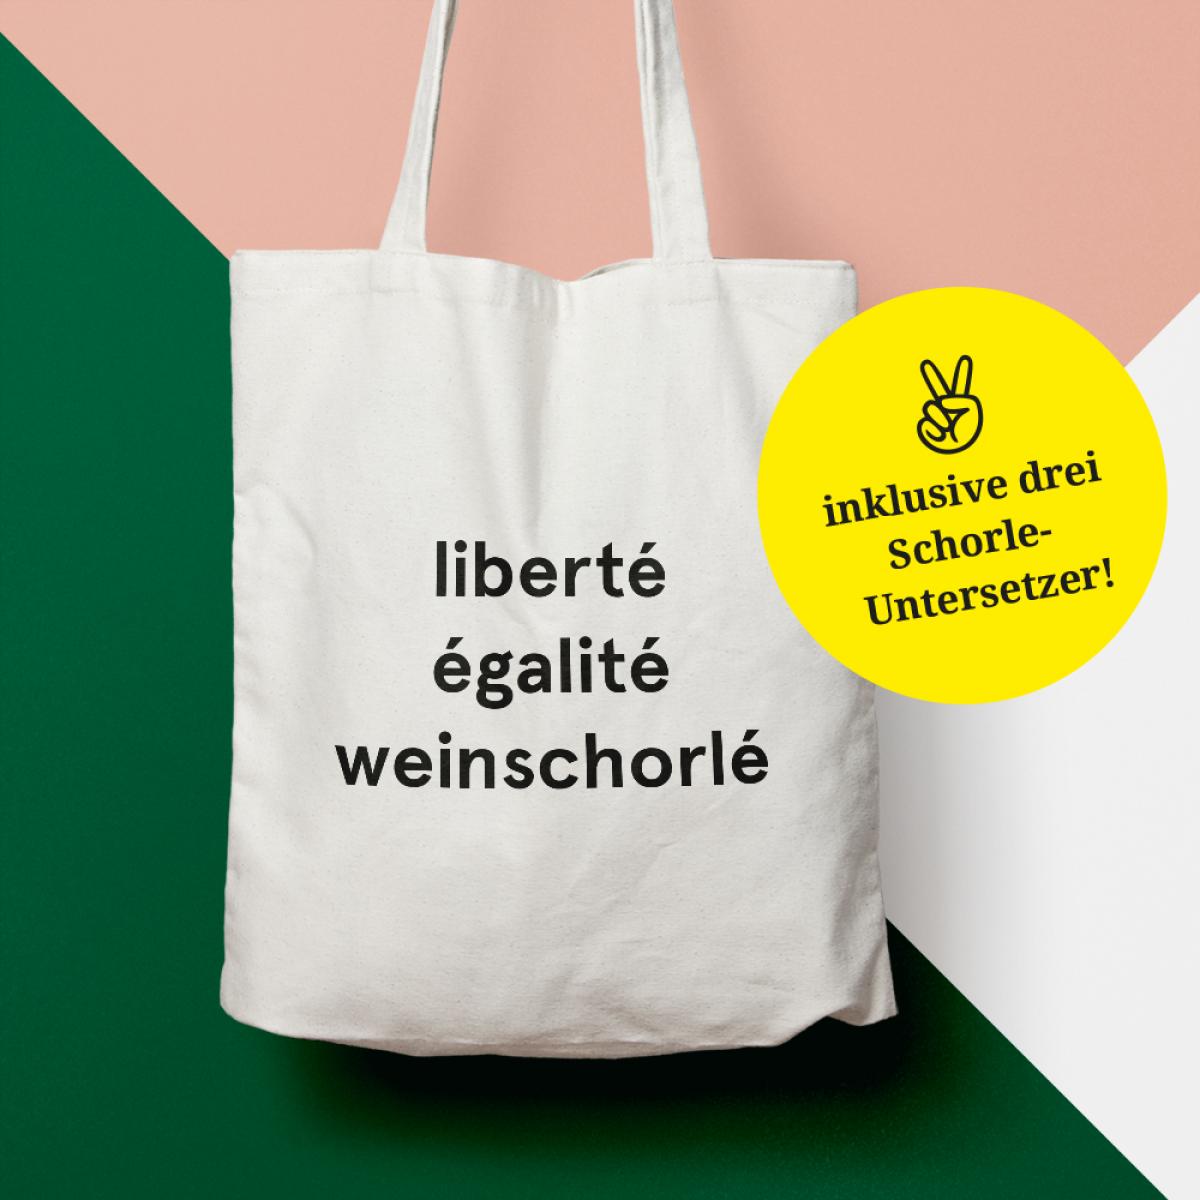 """edition ij Baumwolltasche """"liberté égalité weinschorlé"""" + Schorle-Untersetzer"""